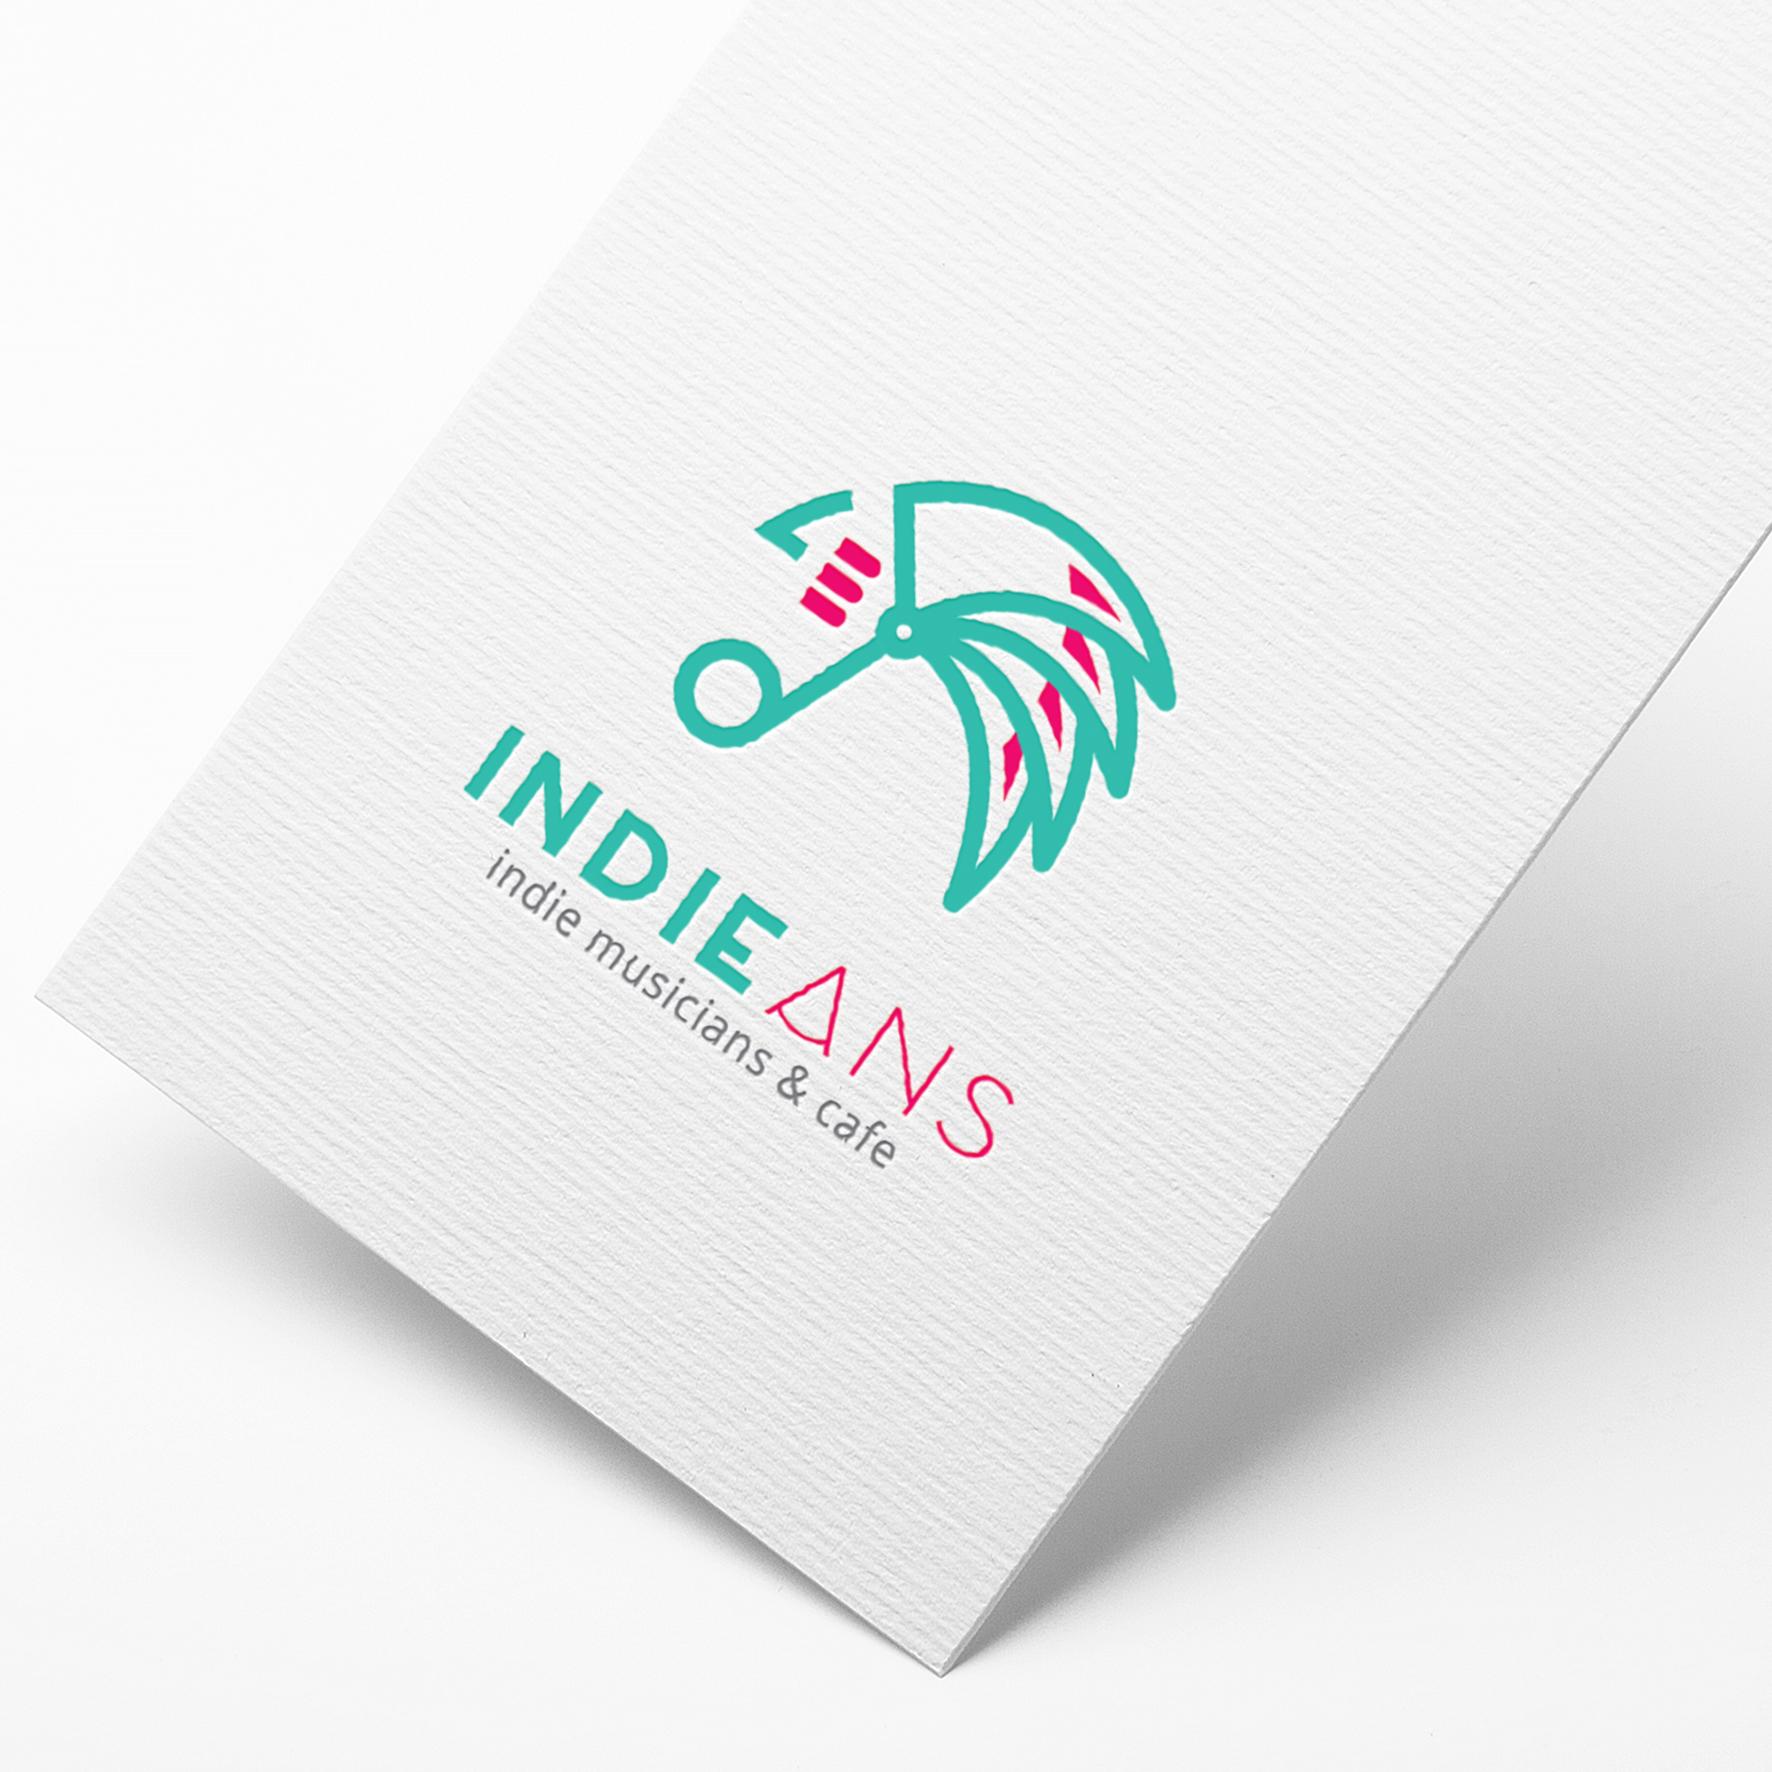 로고 + 명함 | 인디언즈 컴퍼니(Indiean... | 라우드소싱 포트폴리오